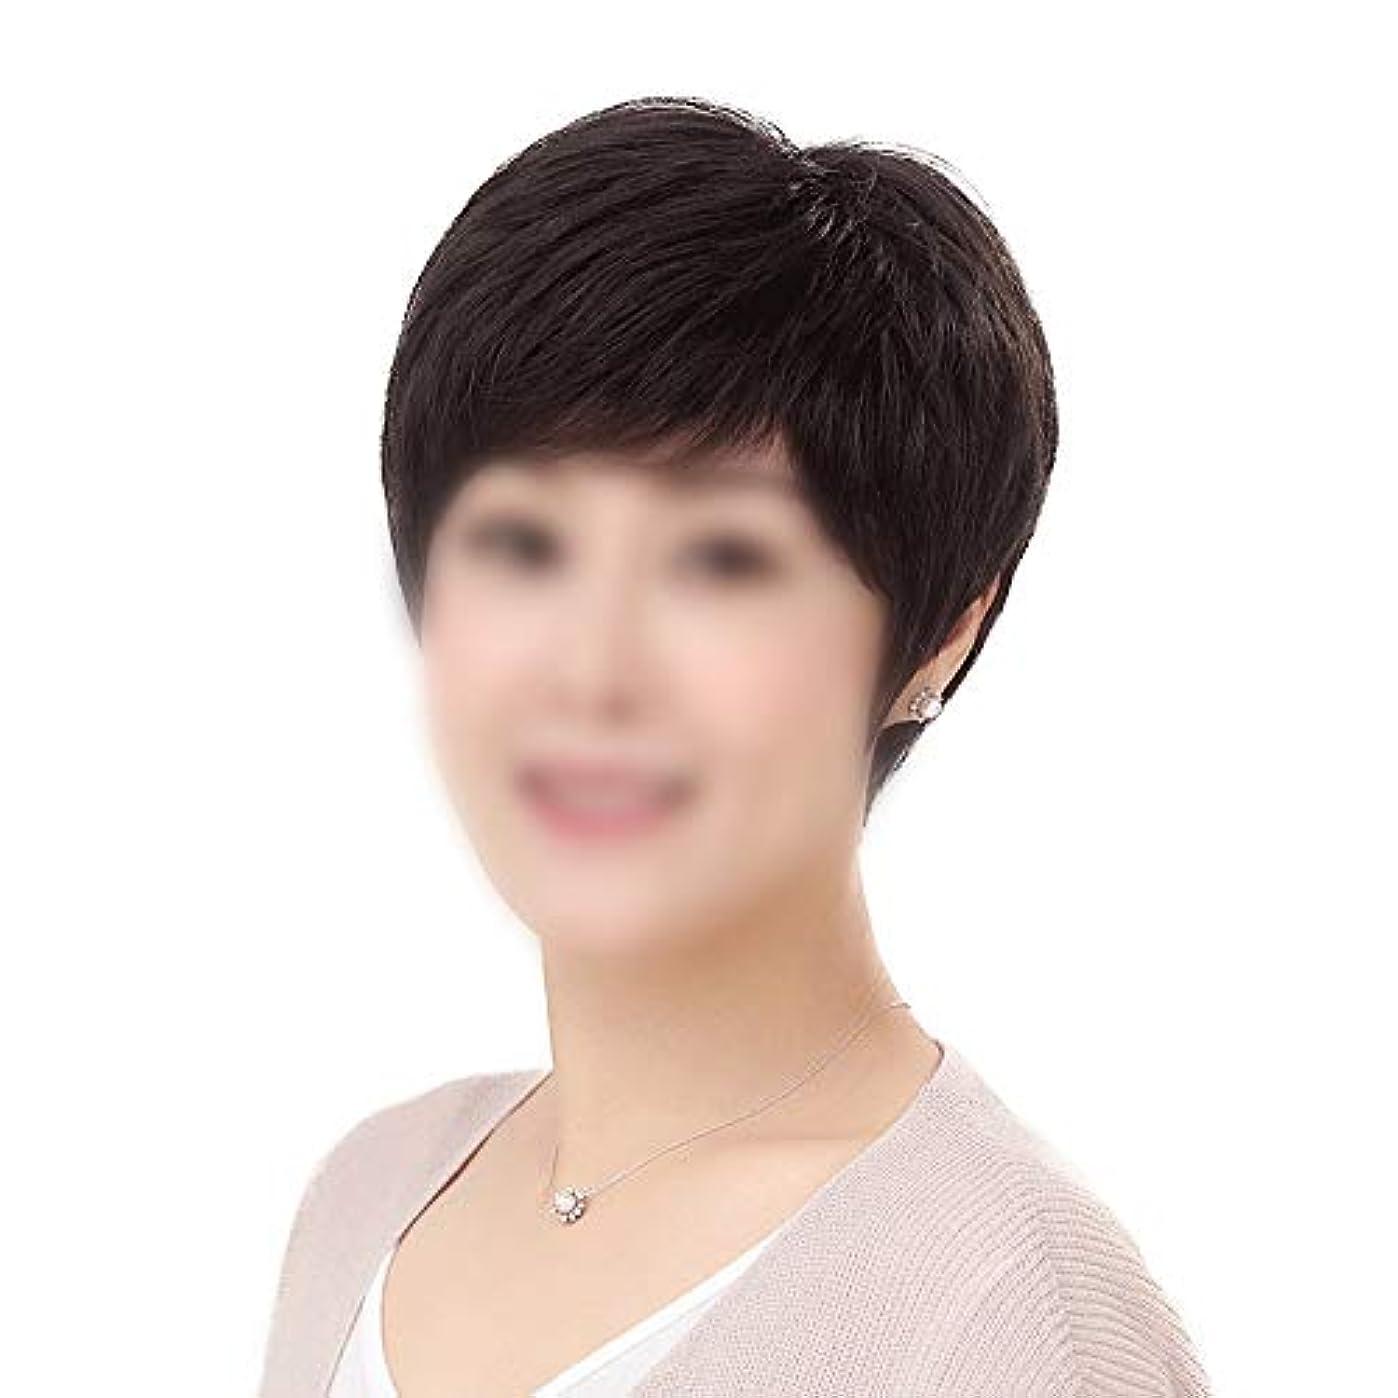 シンプルな乗算着実にYOUQIU 母の毎日のために女性の人間の実髪ショートカーリーヘア中東や旧ウィッグウィッグを着用してください (色 : Dark brown, Design : Hand-woven heart)